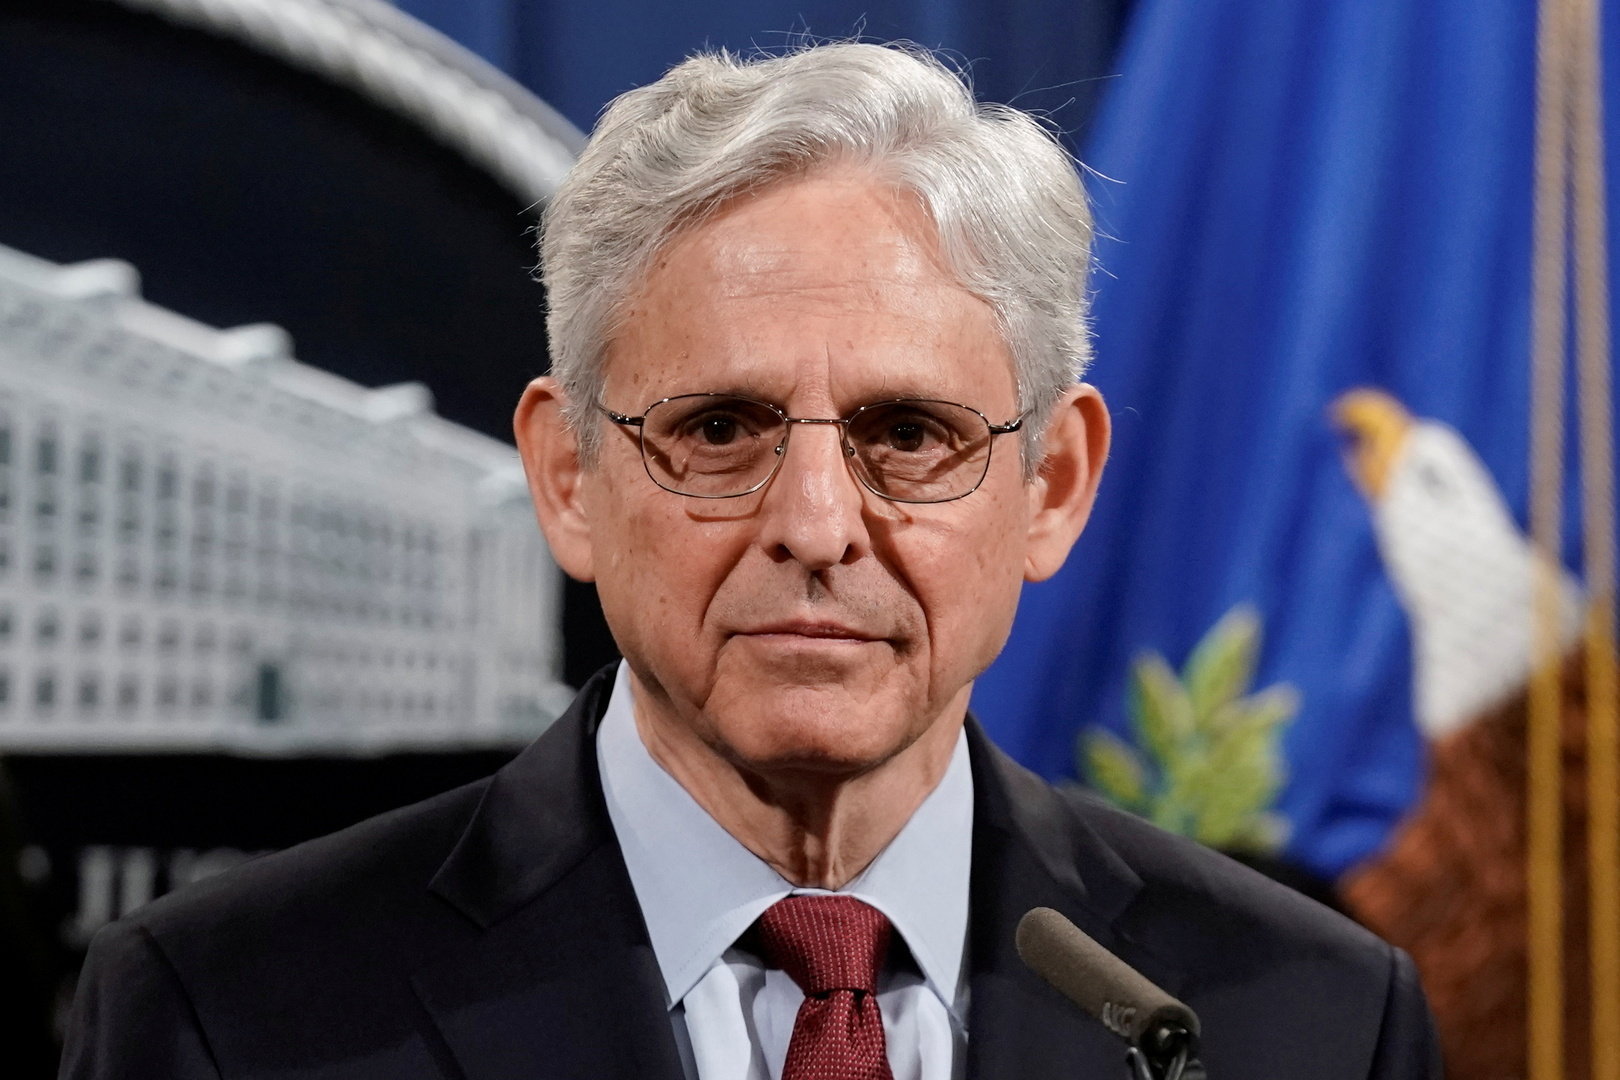 وزير العدل الأمريكي يأمر بتعليق تنفيذ أحكام الإعدام الفيدرالية